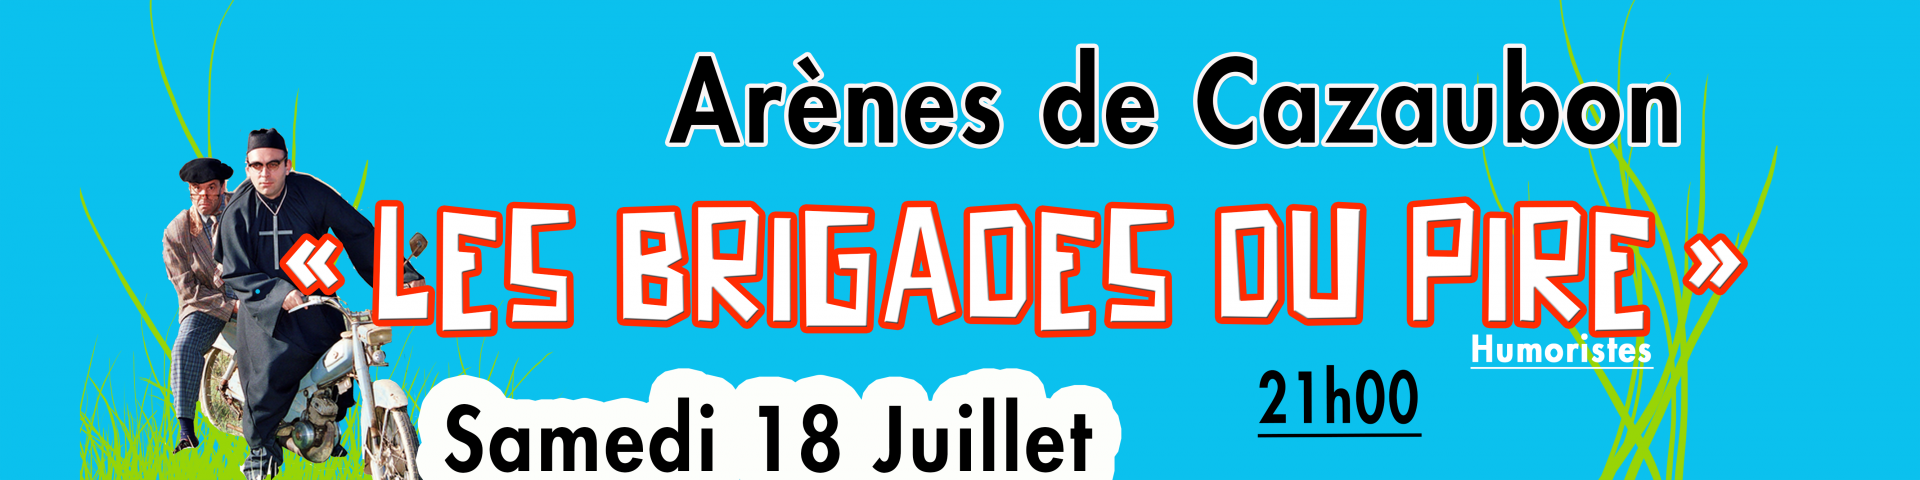 banniere-brigades3-360